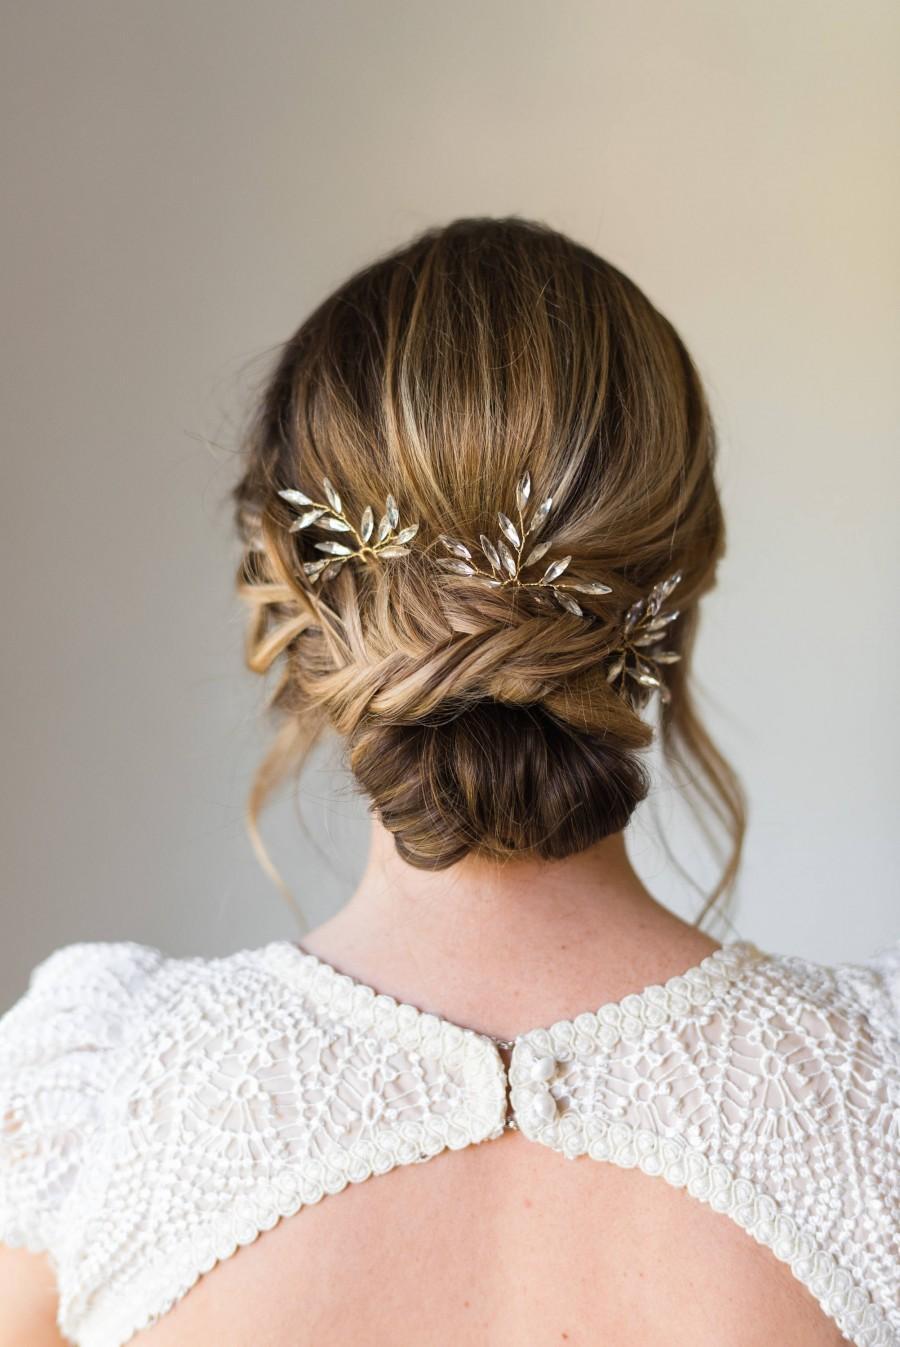 Hochzeit - Branch Hair Pins Bridal Hair pins crystal hair pins wedding hair pins wedding headpiece branch hair pins bridal headpiece #161